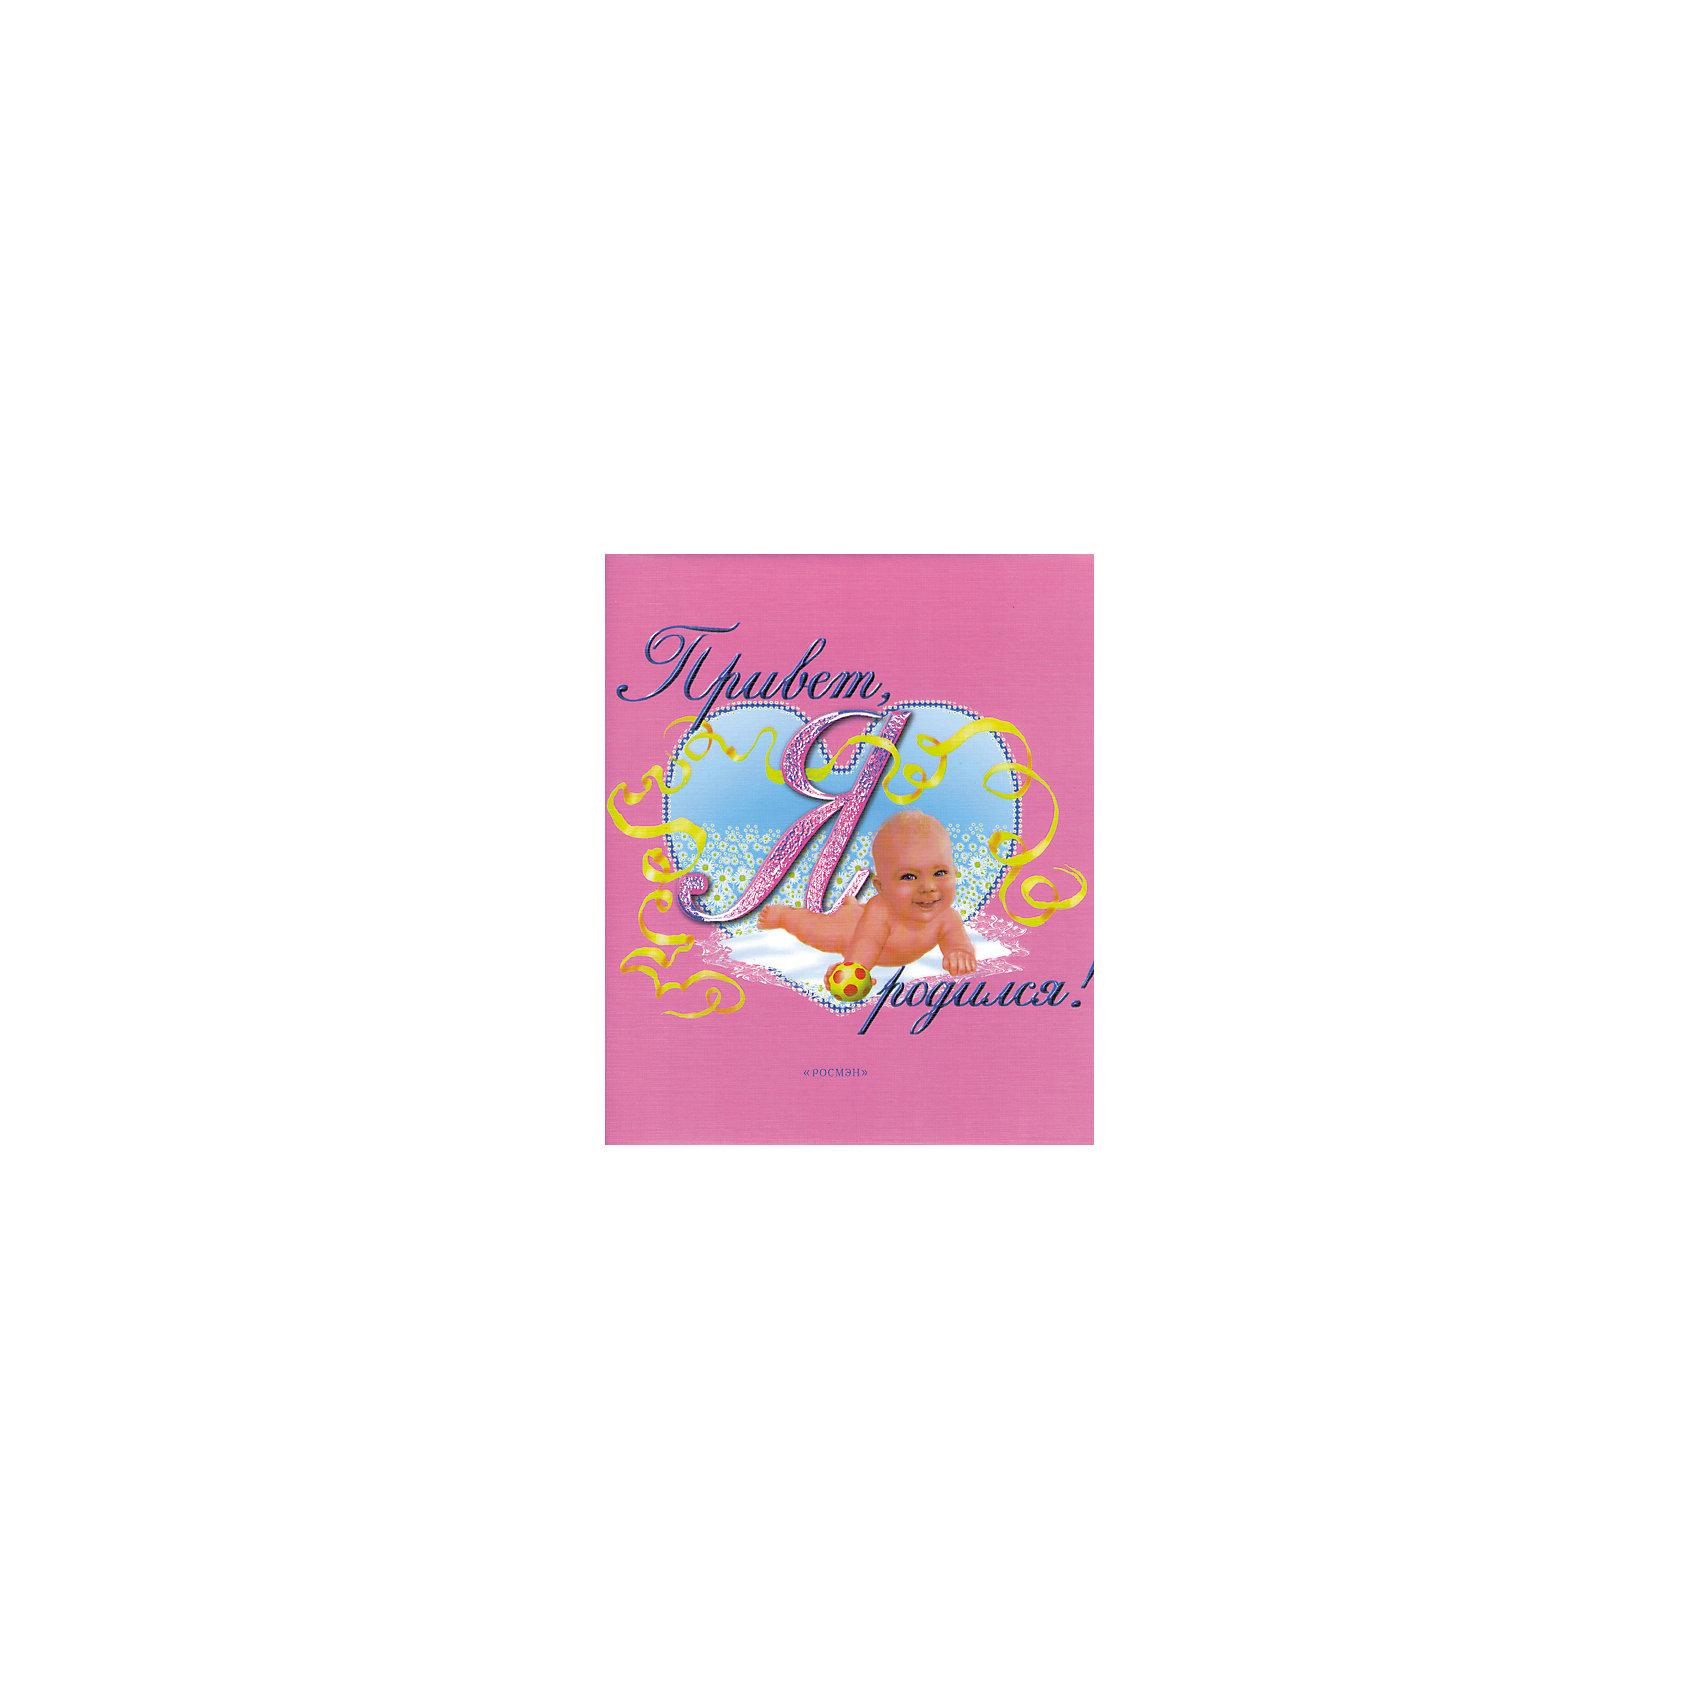 Розовый фотоальбом Привет, я родилсяКниги для девочек<br>Розовый фотоальбом Привет, я родился! - замечательный подарок, который поможет сохранить самые прекрасные воспоминания о первых днях жизни малыша. Вы всегда сможете вспомнить и пережить еще раз все важные и забавные события первого года Вашего ребенка - первое слово, первые шаги, первые проказы и шалости. Имеются цветные странички для записей и заметок. Альбом выполнен в ярком подарочном дизайне.<br><br>Дополнительная информация:<br><br>- Обложка: твердая.<br>- Объем: 48 стр.<br>- Размер: 27 х 24 х 0,7 см.<br>- Вес: 0,397 кг.<br><br>Розовый фотоальбом Привет, я родился!, Росмэн, можно купить в нашем интернет-магазине.<br><br>Ширина мм: 270<br>Глубина мм: 240<br>Высота мм: 7<br>Вес г: 397<br>Возраст от месяцев: 0<br>Возраст до месяцев: 24<br>Пол: Женский<br>Возраст: Детский<br>SKU: 4046800